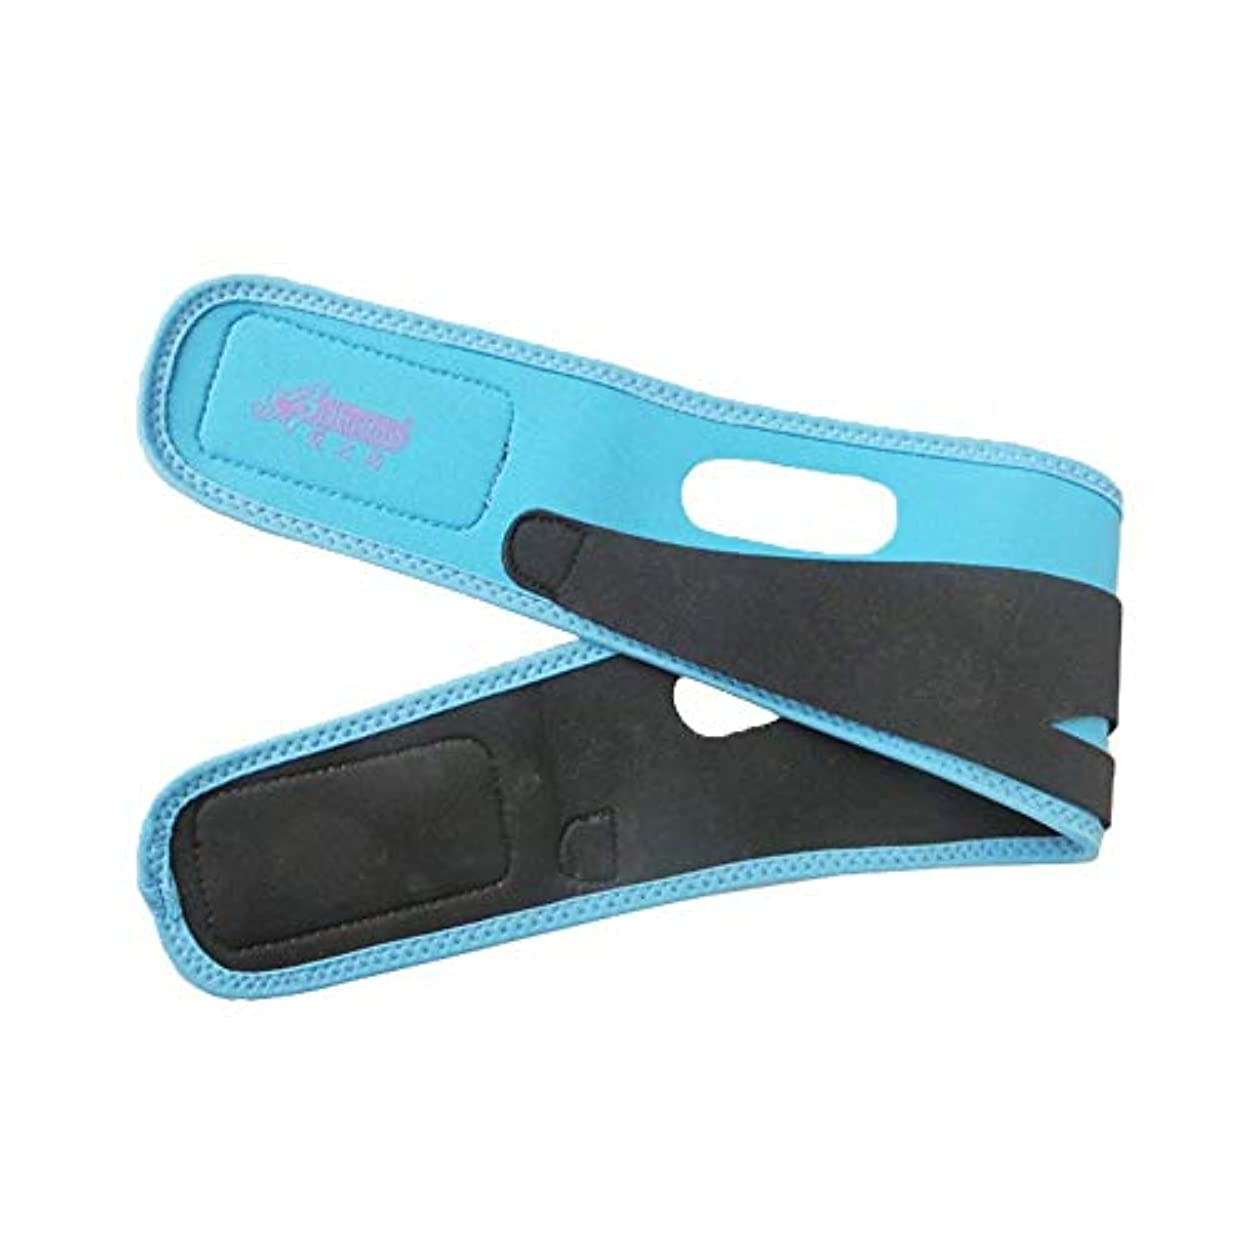 人道的聴覚障害者エンゲージメントフェイススリミングバンデージ、ダブルチンケア減量、フェイシャルリフティングバンデージ、フェイスマッサージマスク、ダブルチンストラップ(フリーサイズ)(カラー:レッド),青